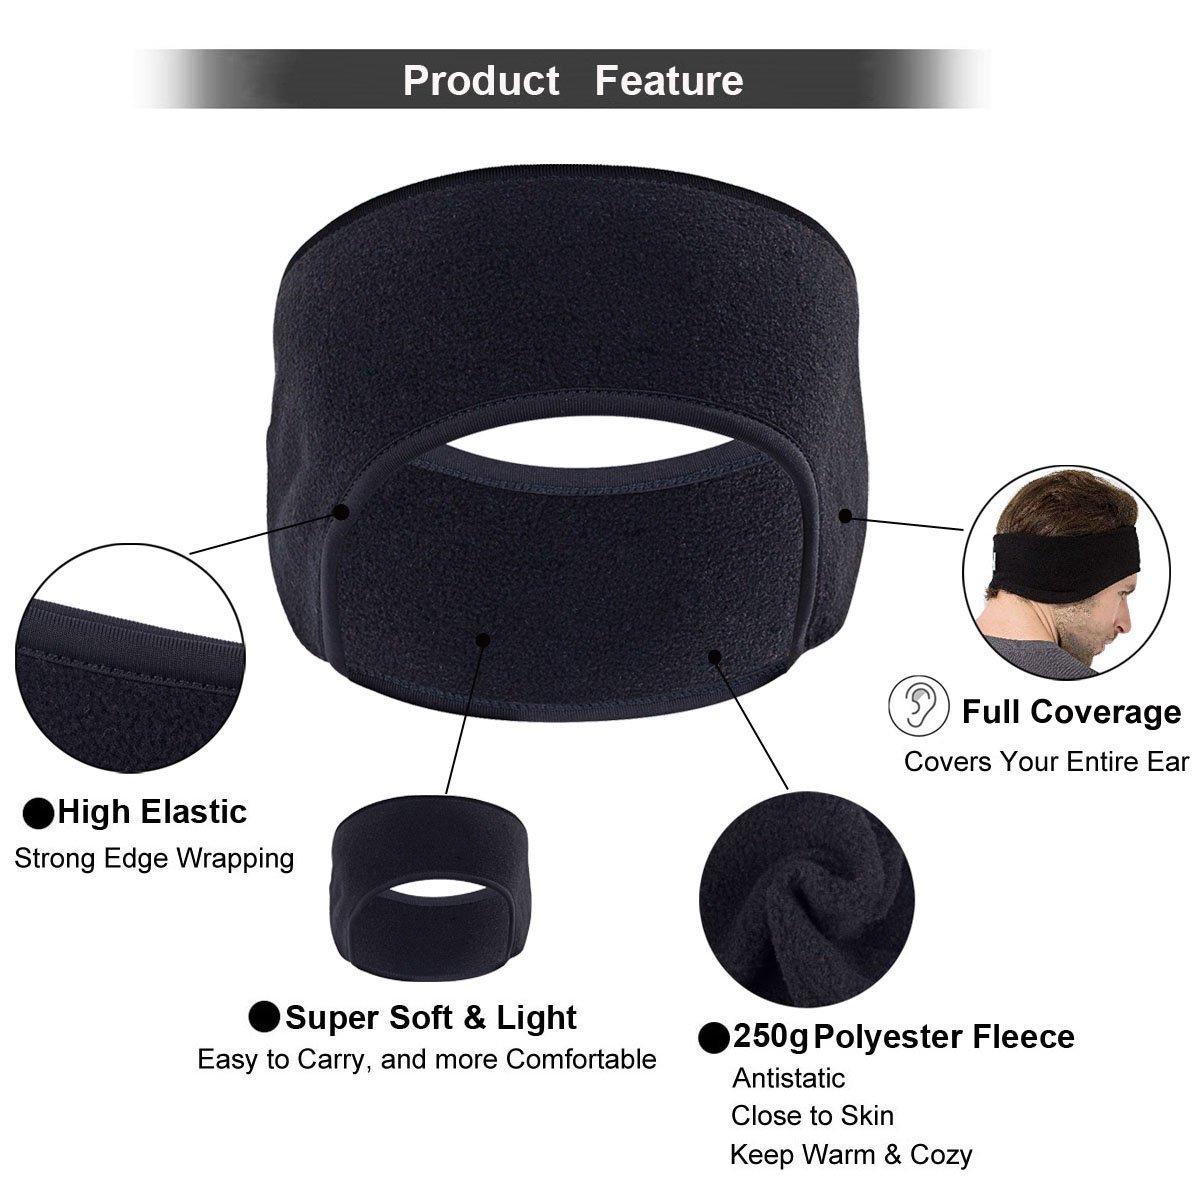 GoFriend Fleece Ear Warmers Headband//Ear Muffs Set of 2 Winter Headbands Fleece Headband for Adults Men /& Women Stay Warm /& Cozy with Our Thermal Polar Fleece /& Performance Stretch